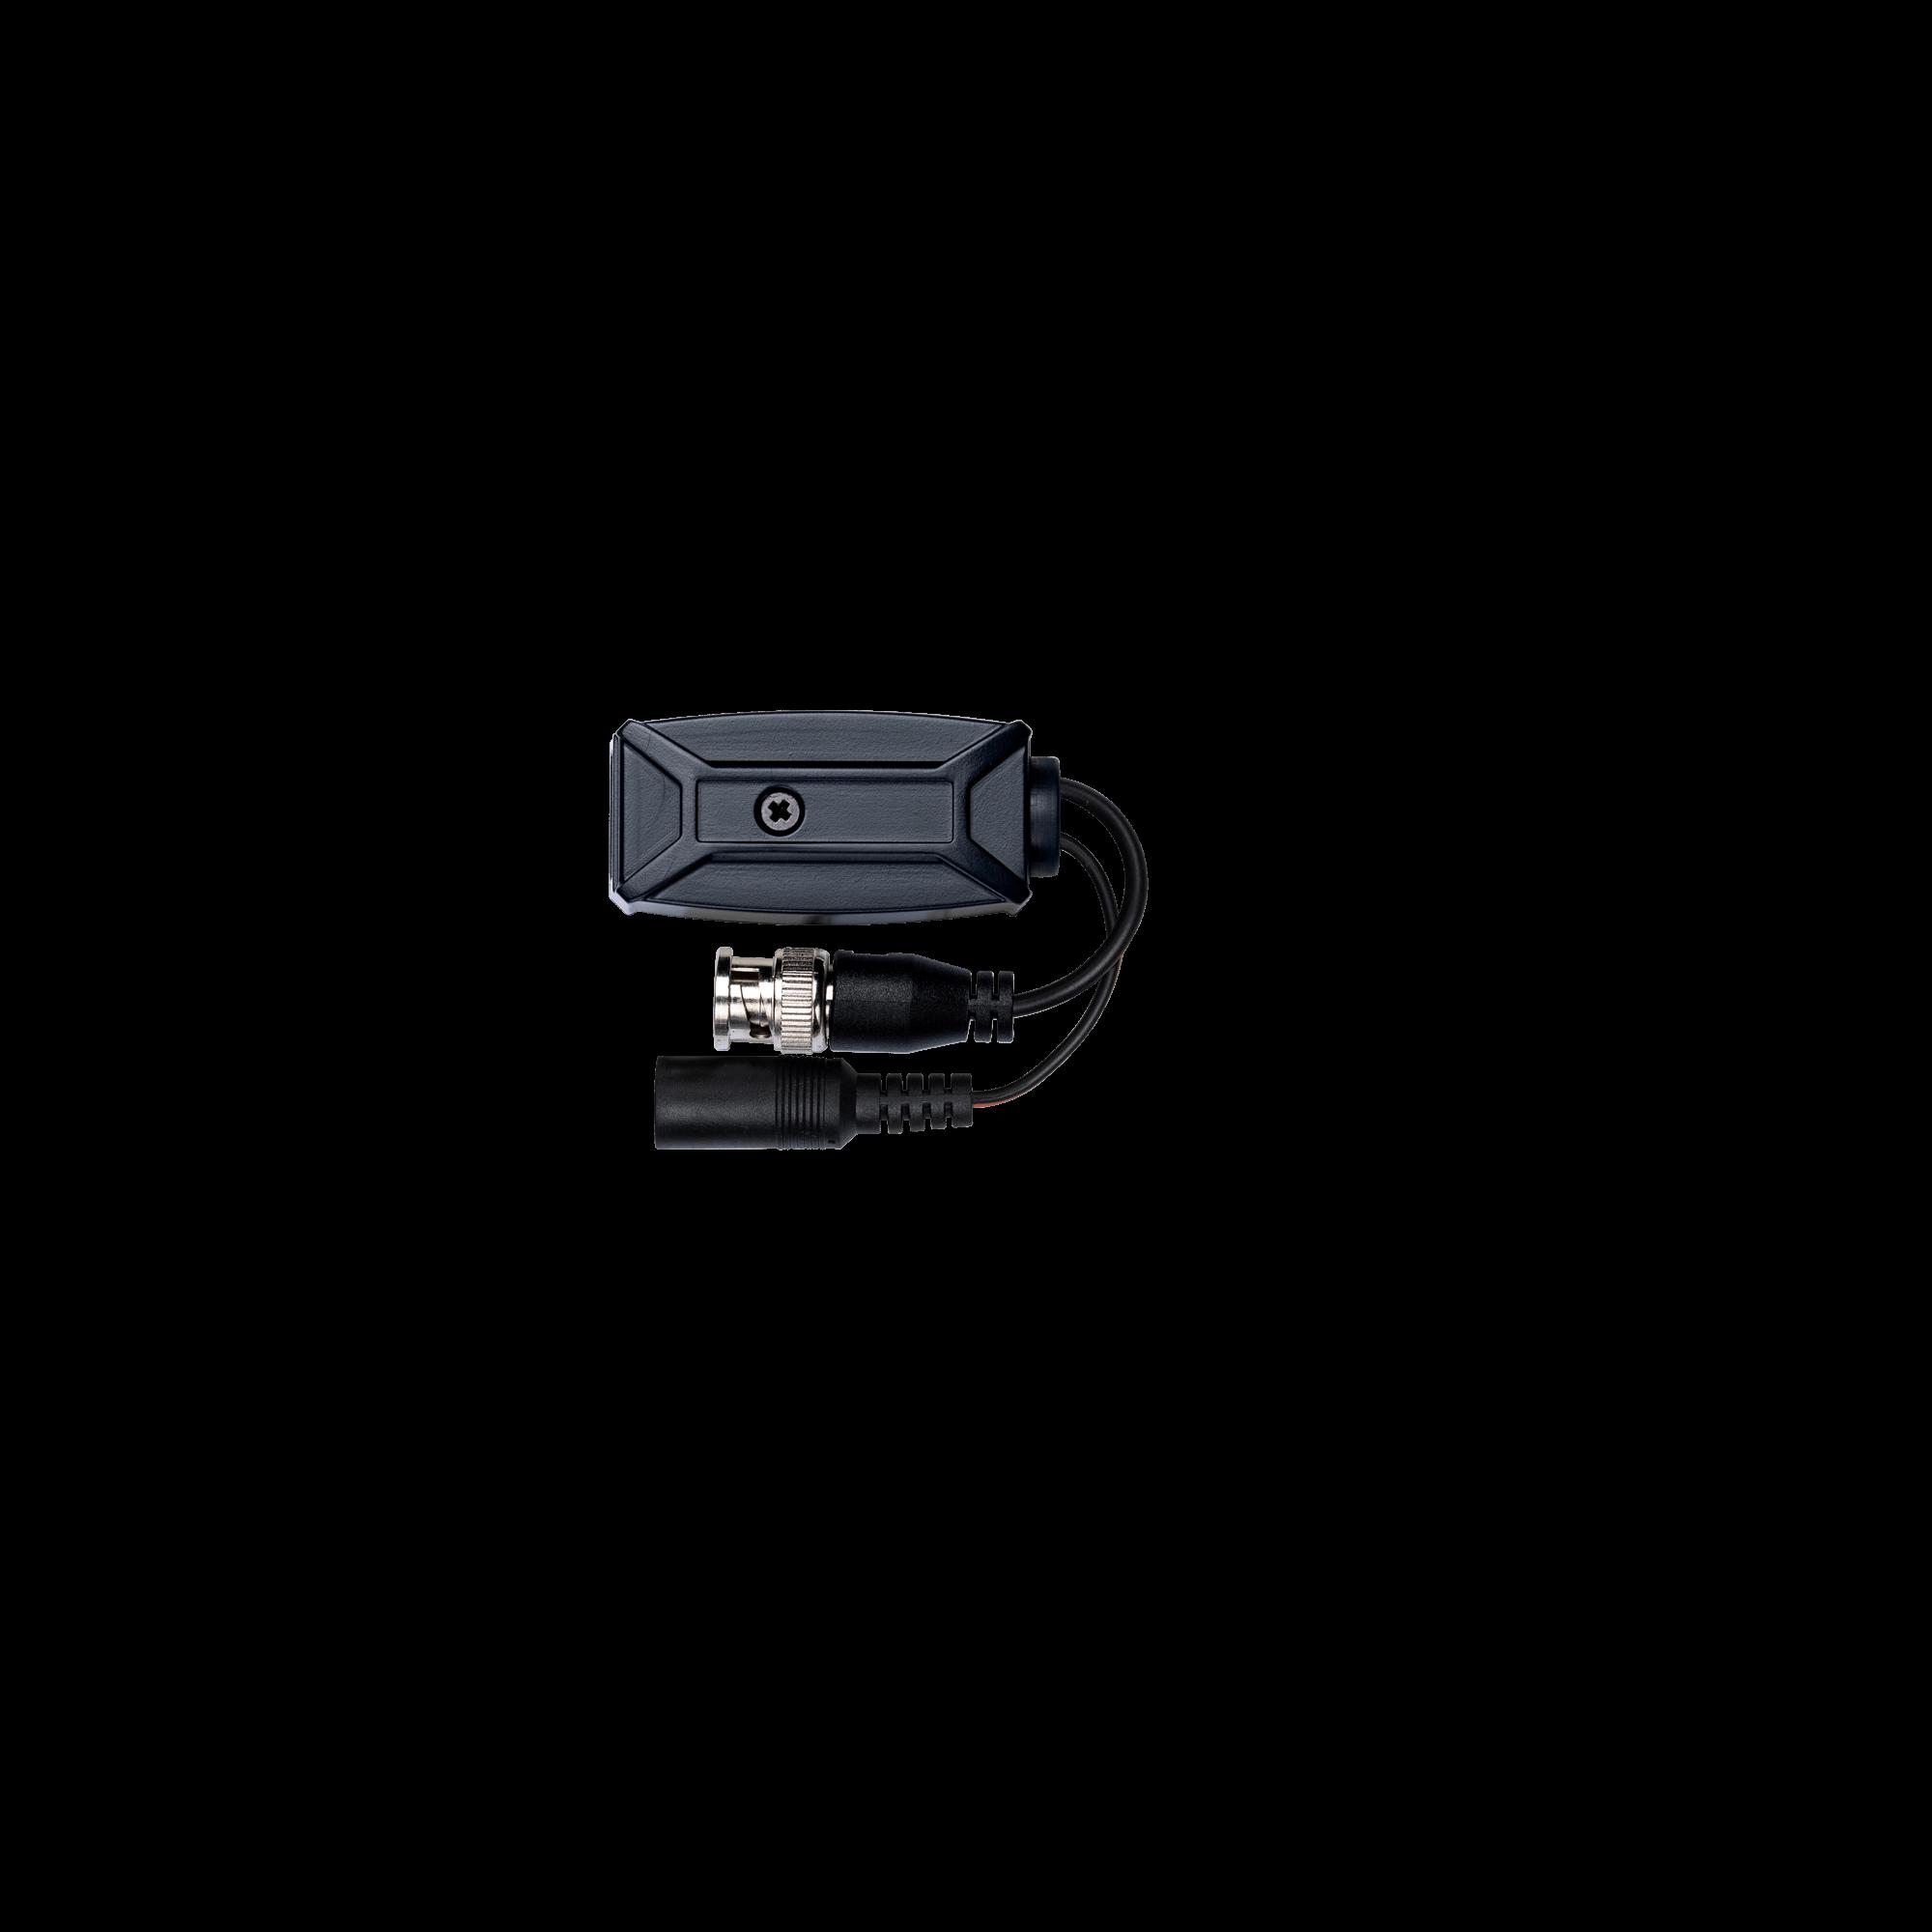 HD-TVI/AHD/HDCVI/CVBS Video & Power Balun with Pigtail